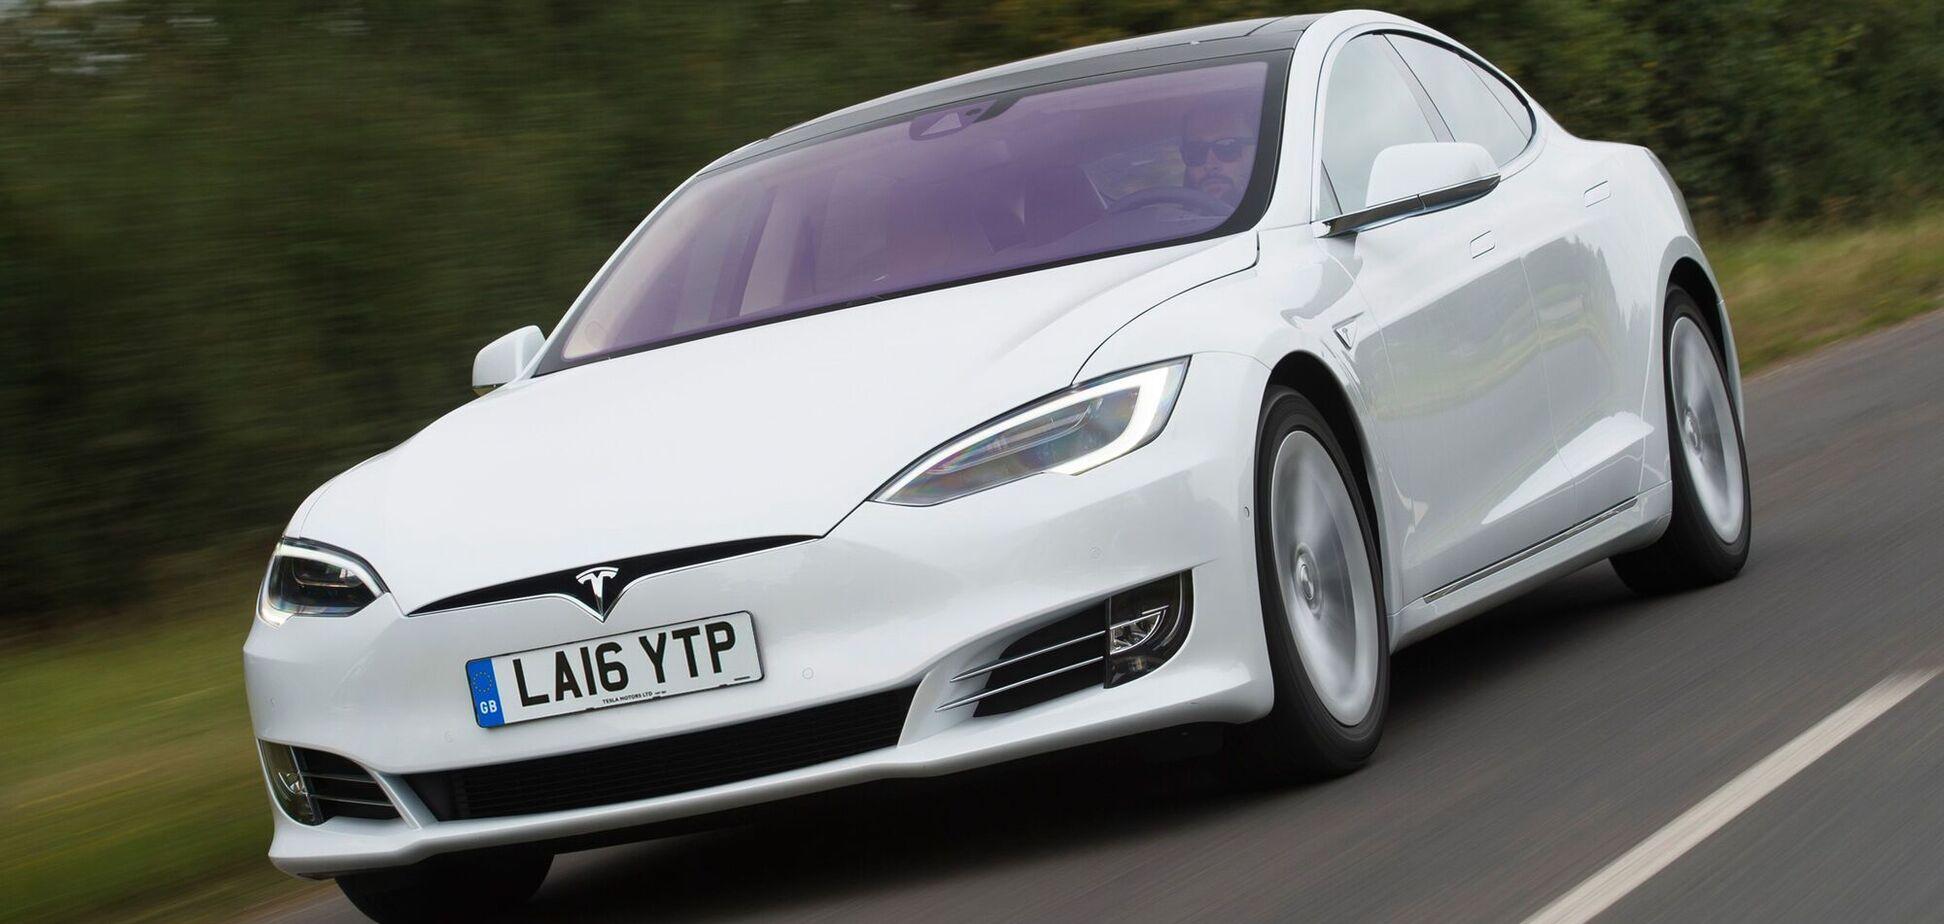 Автопилот Tesla спас пьяного драйвера. Видео